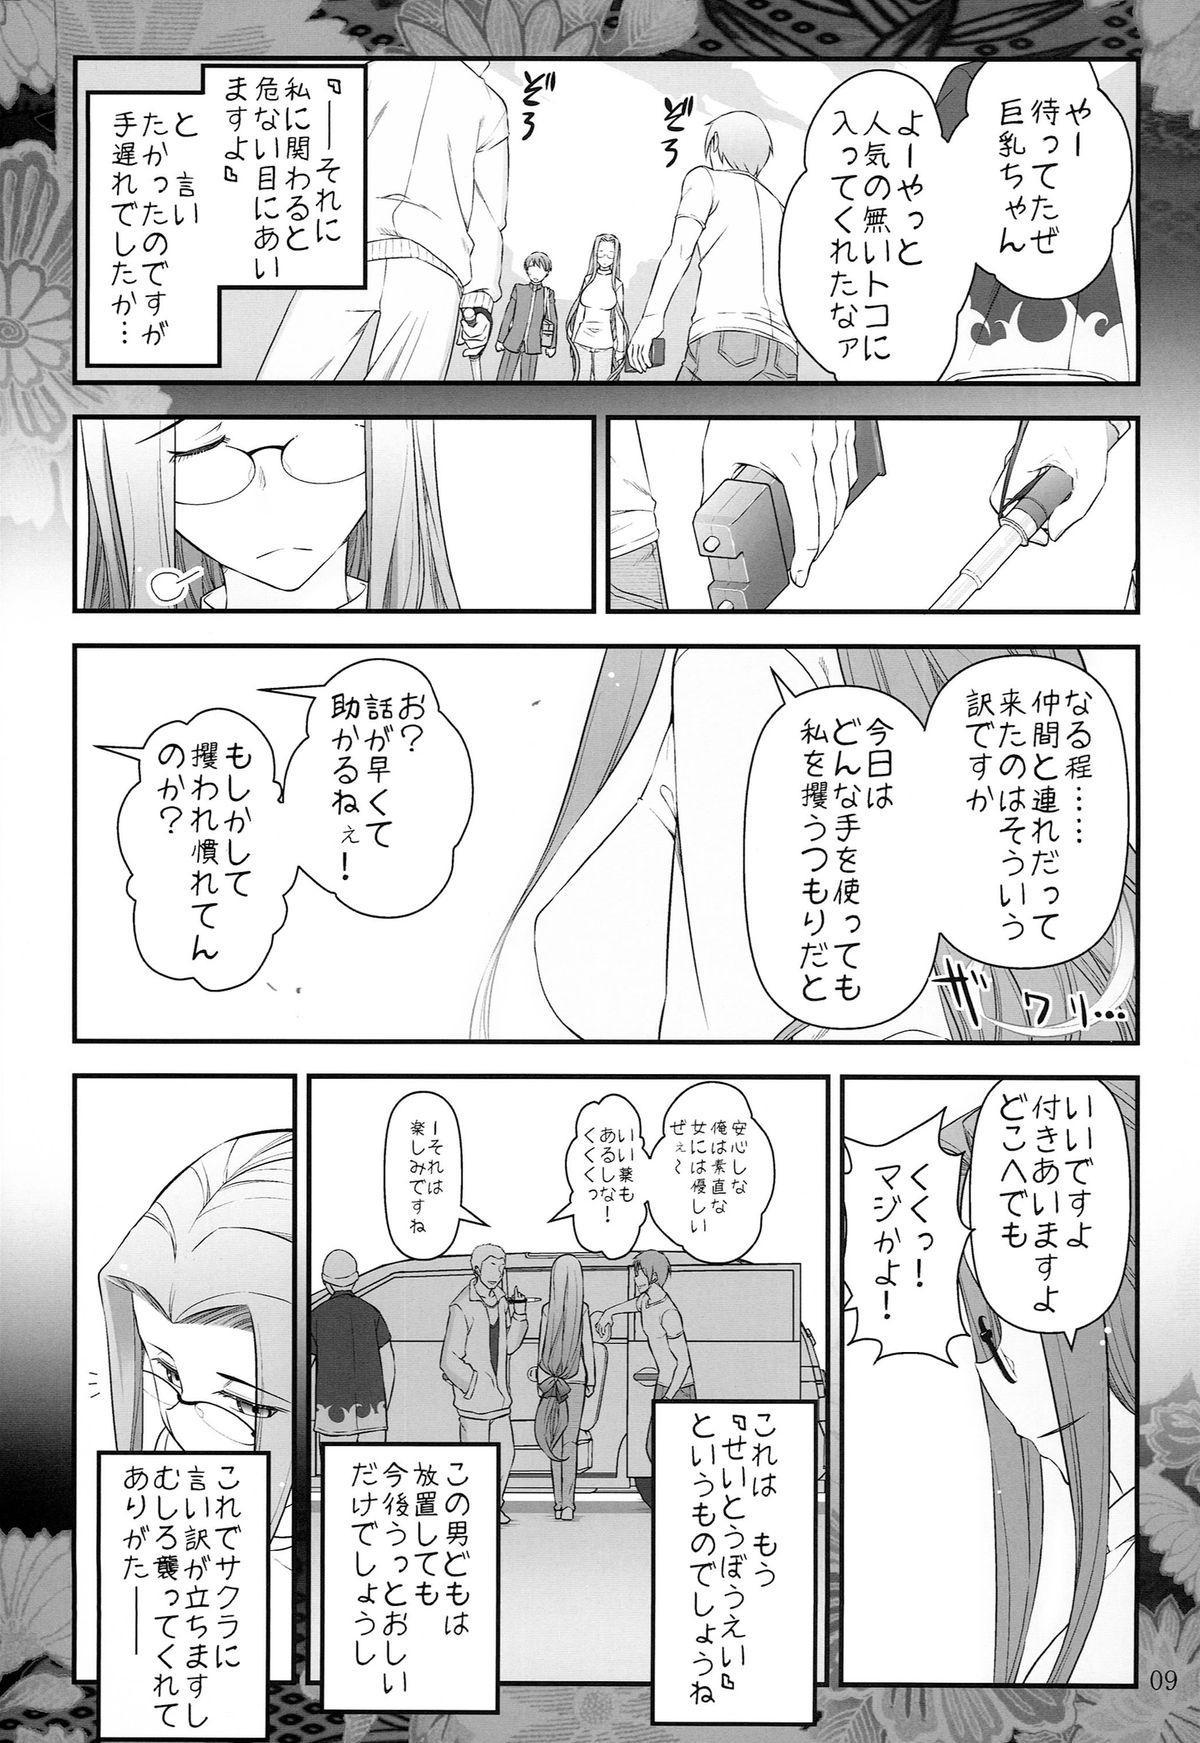 Fate/stay night Rider-san to Shounen no Nichijou 10